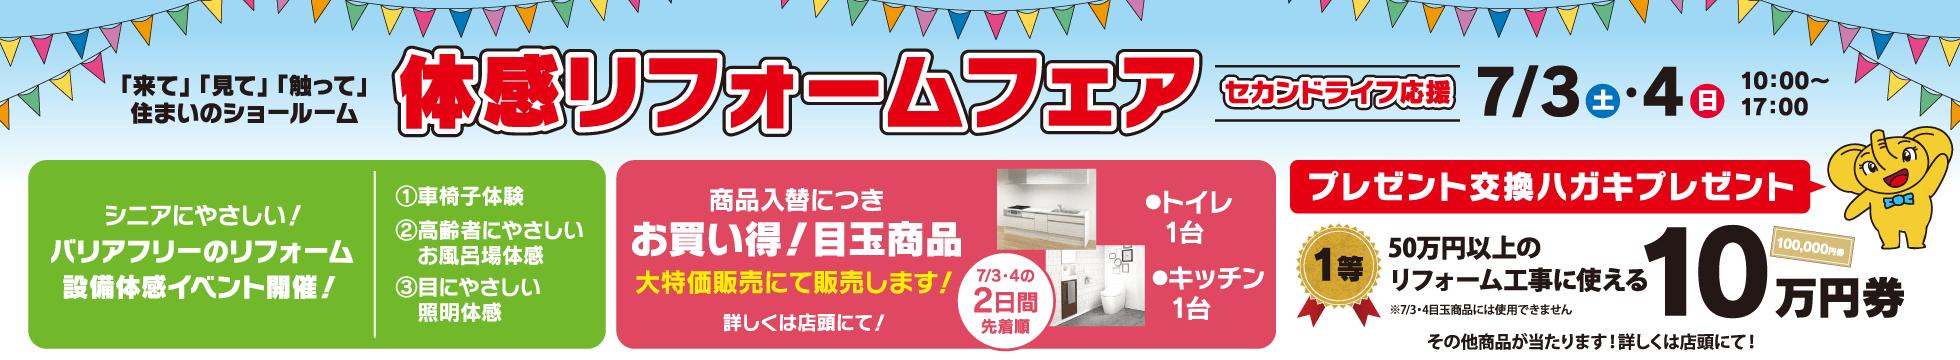 7/3(土)4(日)ショールーム「体感リフォームフェア」開催!